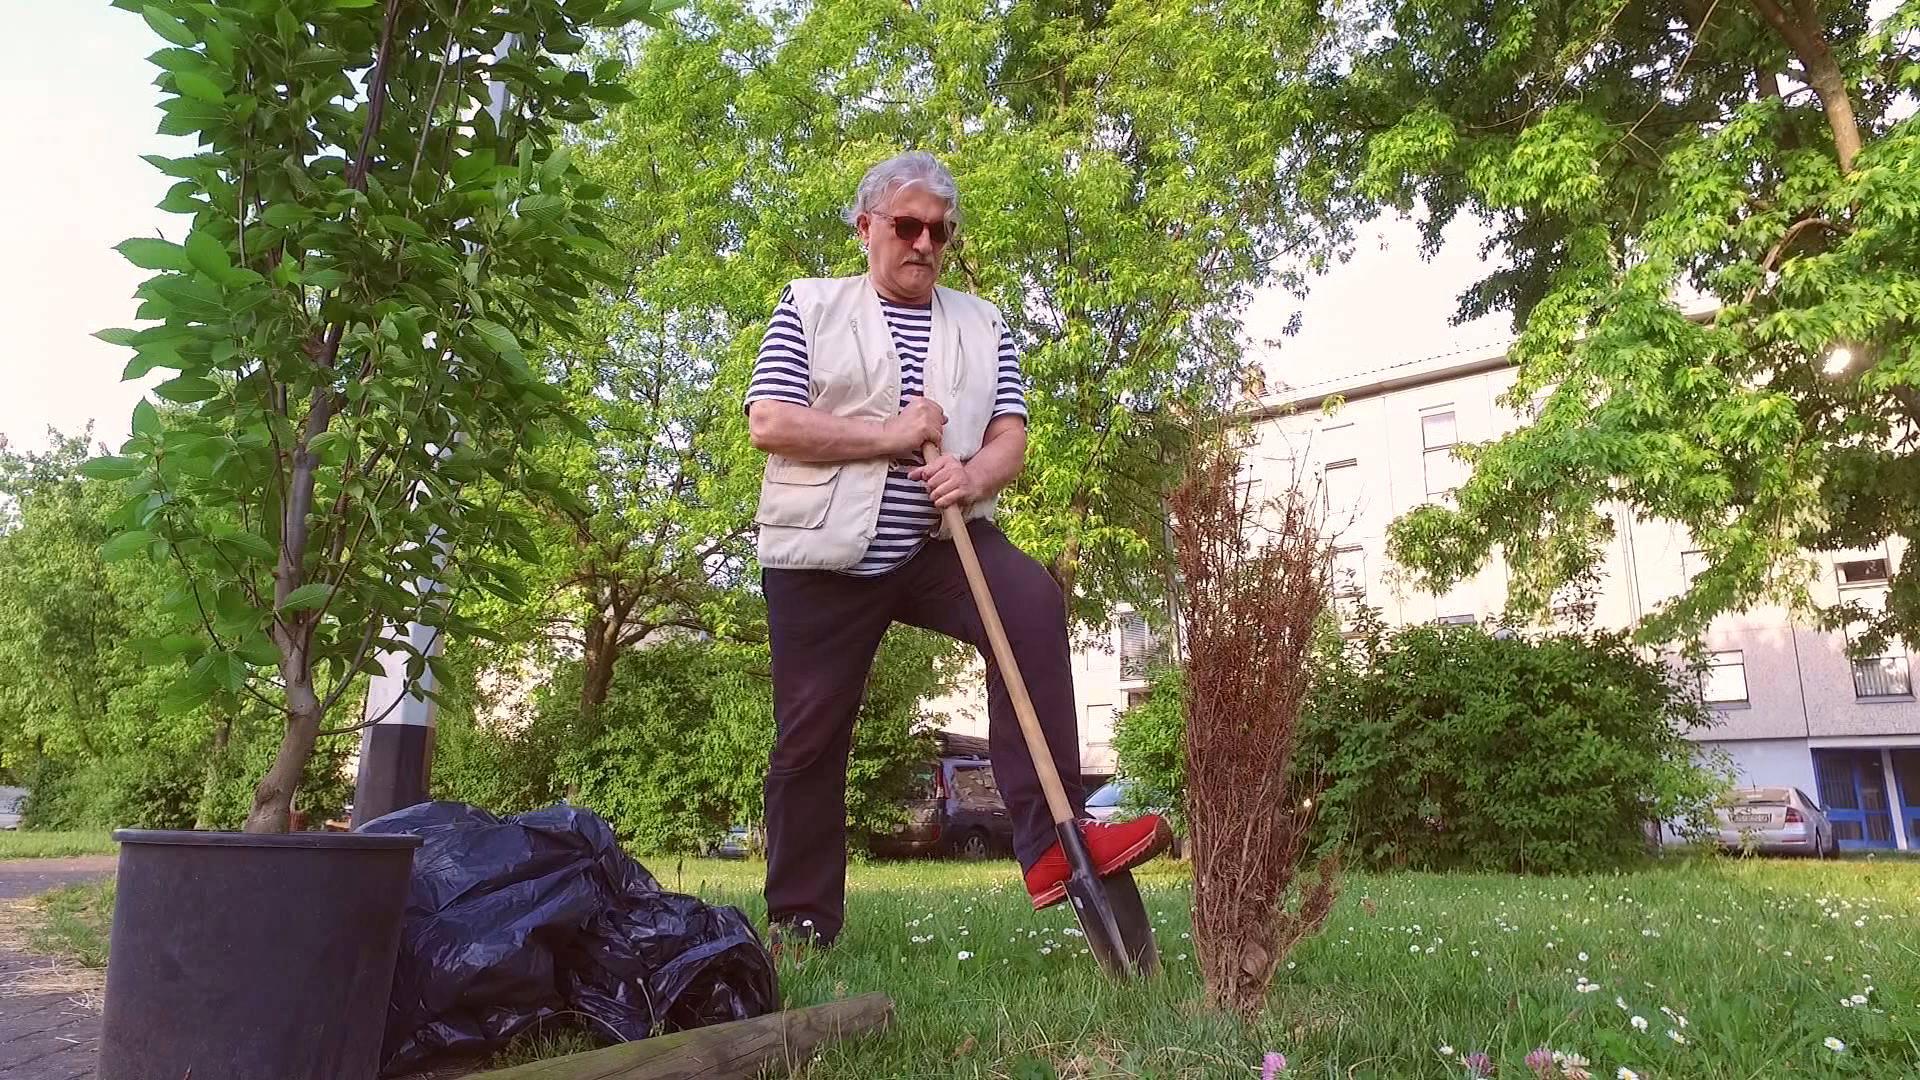 'Snimio sam dokumentarac o čovjeku koji sadi stabla 35 god'